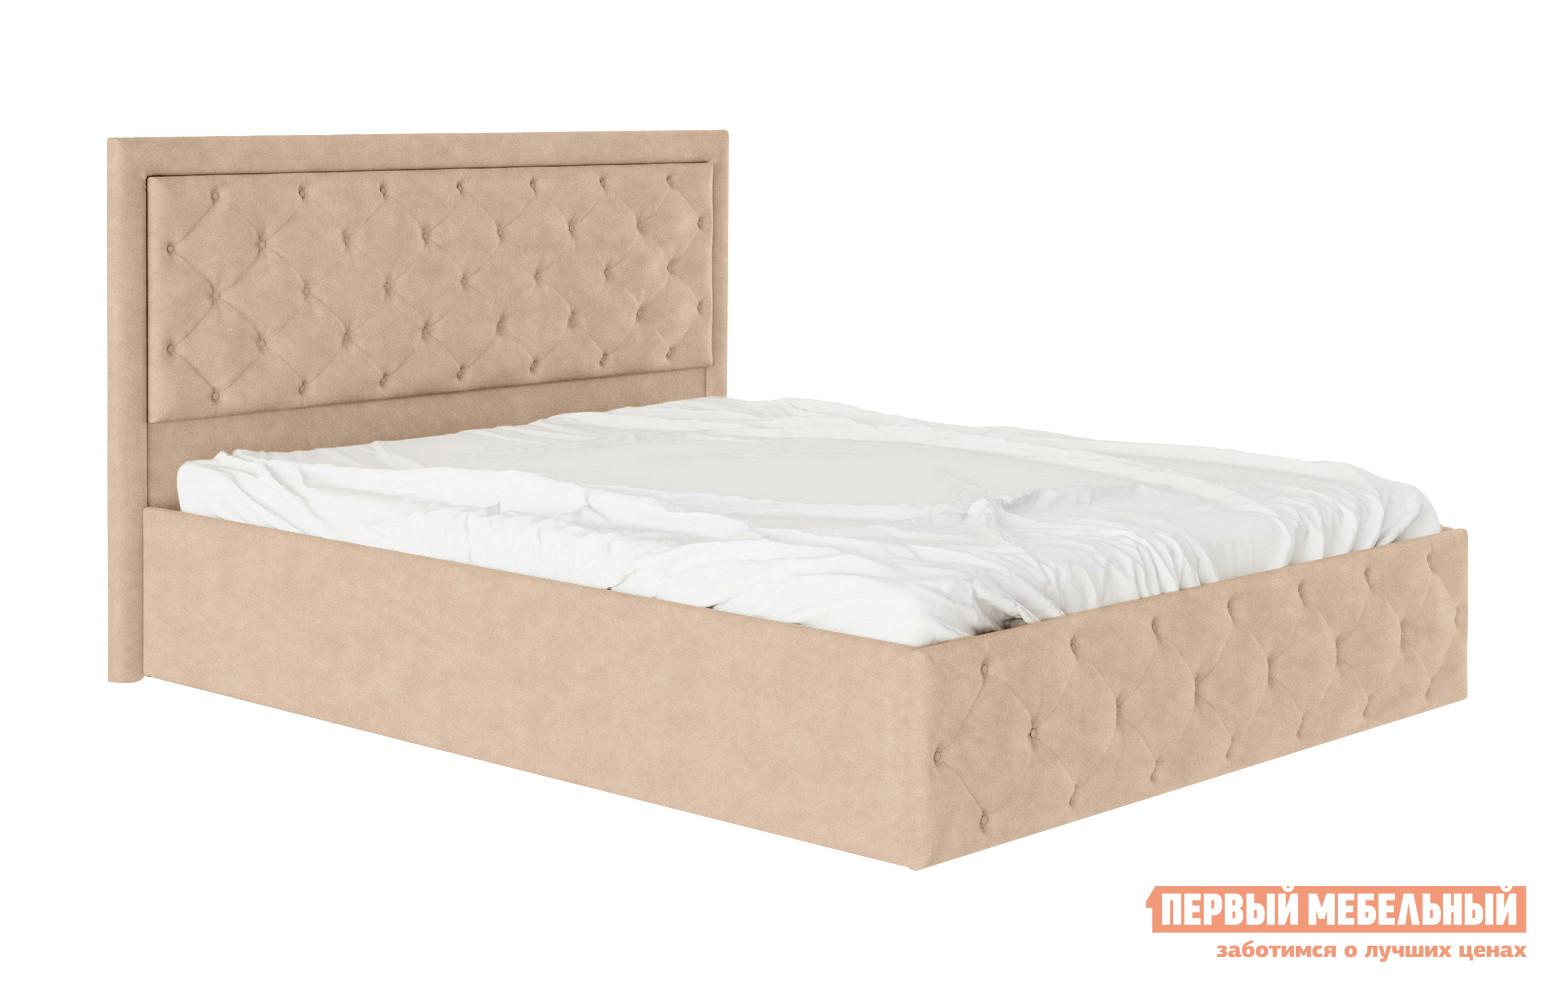 Двуспальная кровать Первый Мебельный Кровать Верона двуспальная кровать erica в ткани iris 180 x 200